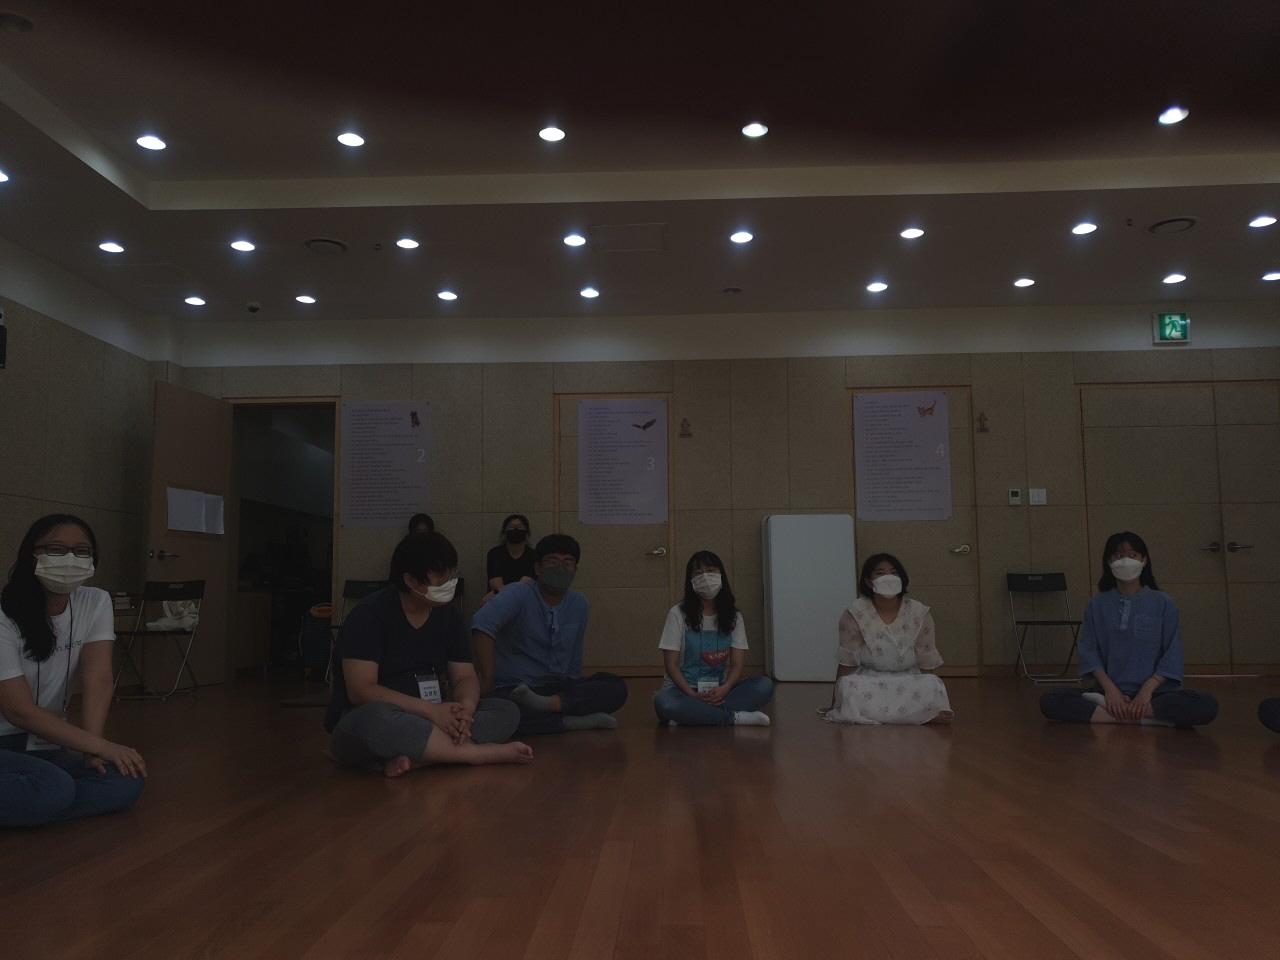 [꾸미기]홍천연기캠프_내이야기#통일-전체 사진-33386761713.jpg